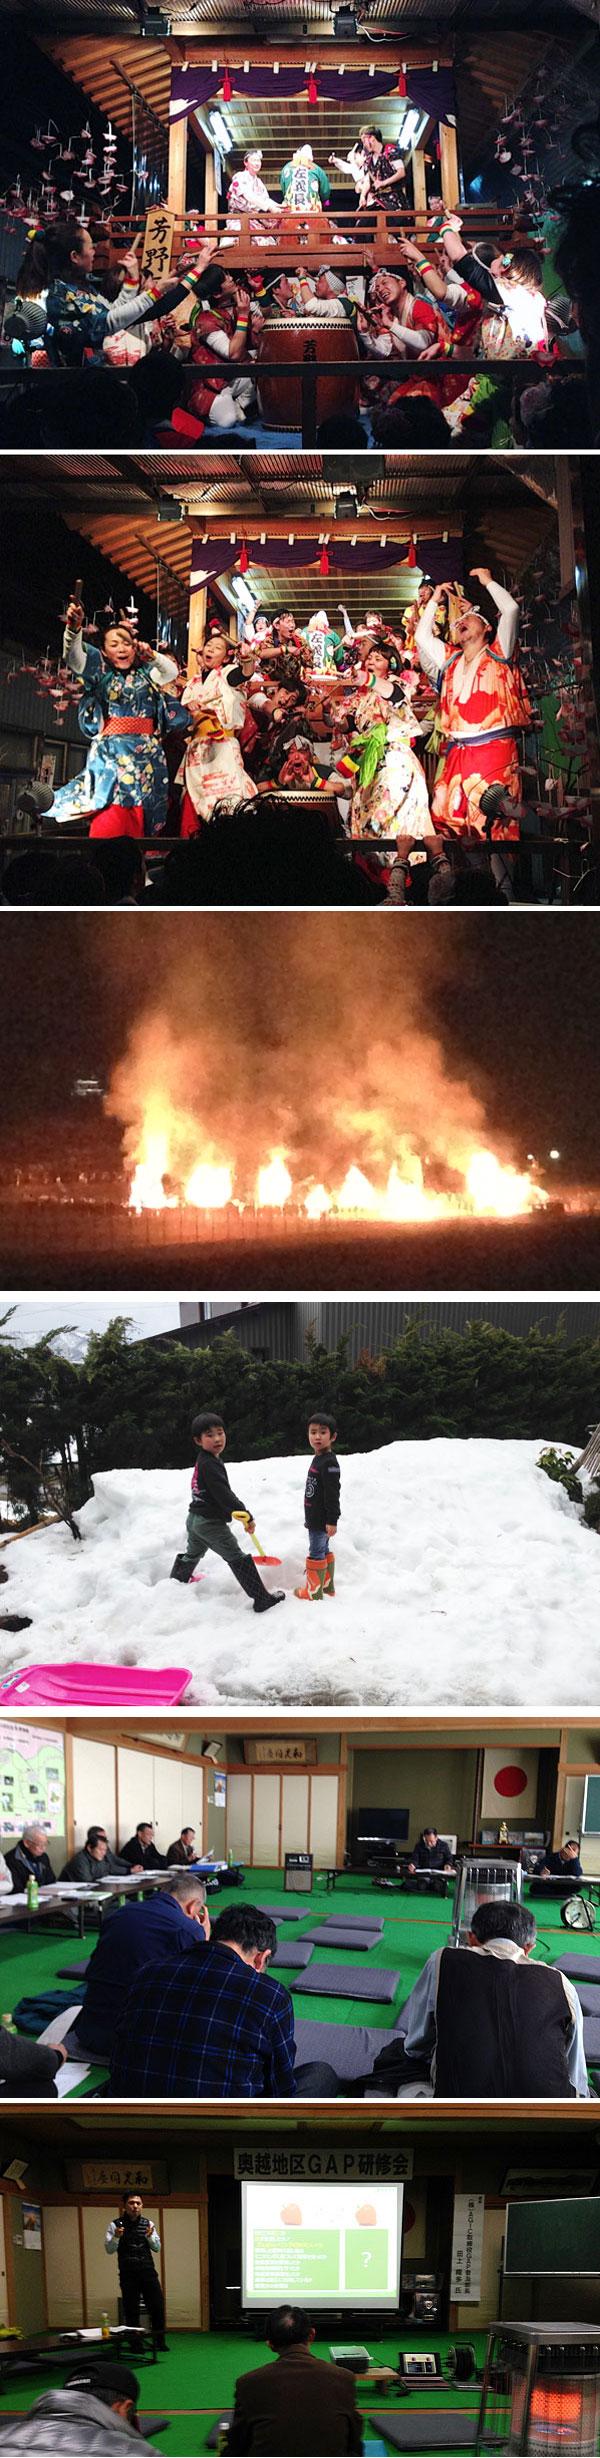 上三枚:左義長スナップ。中:家の前の雪で遊ぶ孫達。下2枚:「農事組合法人かたせ」の総会と「GAP講座」。